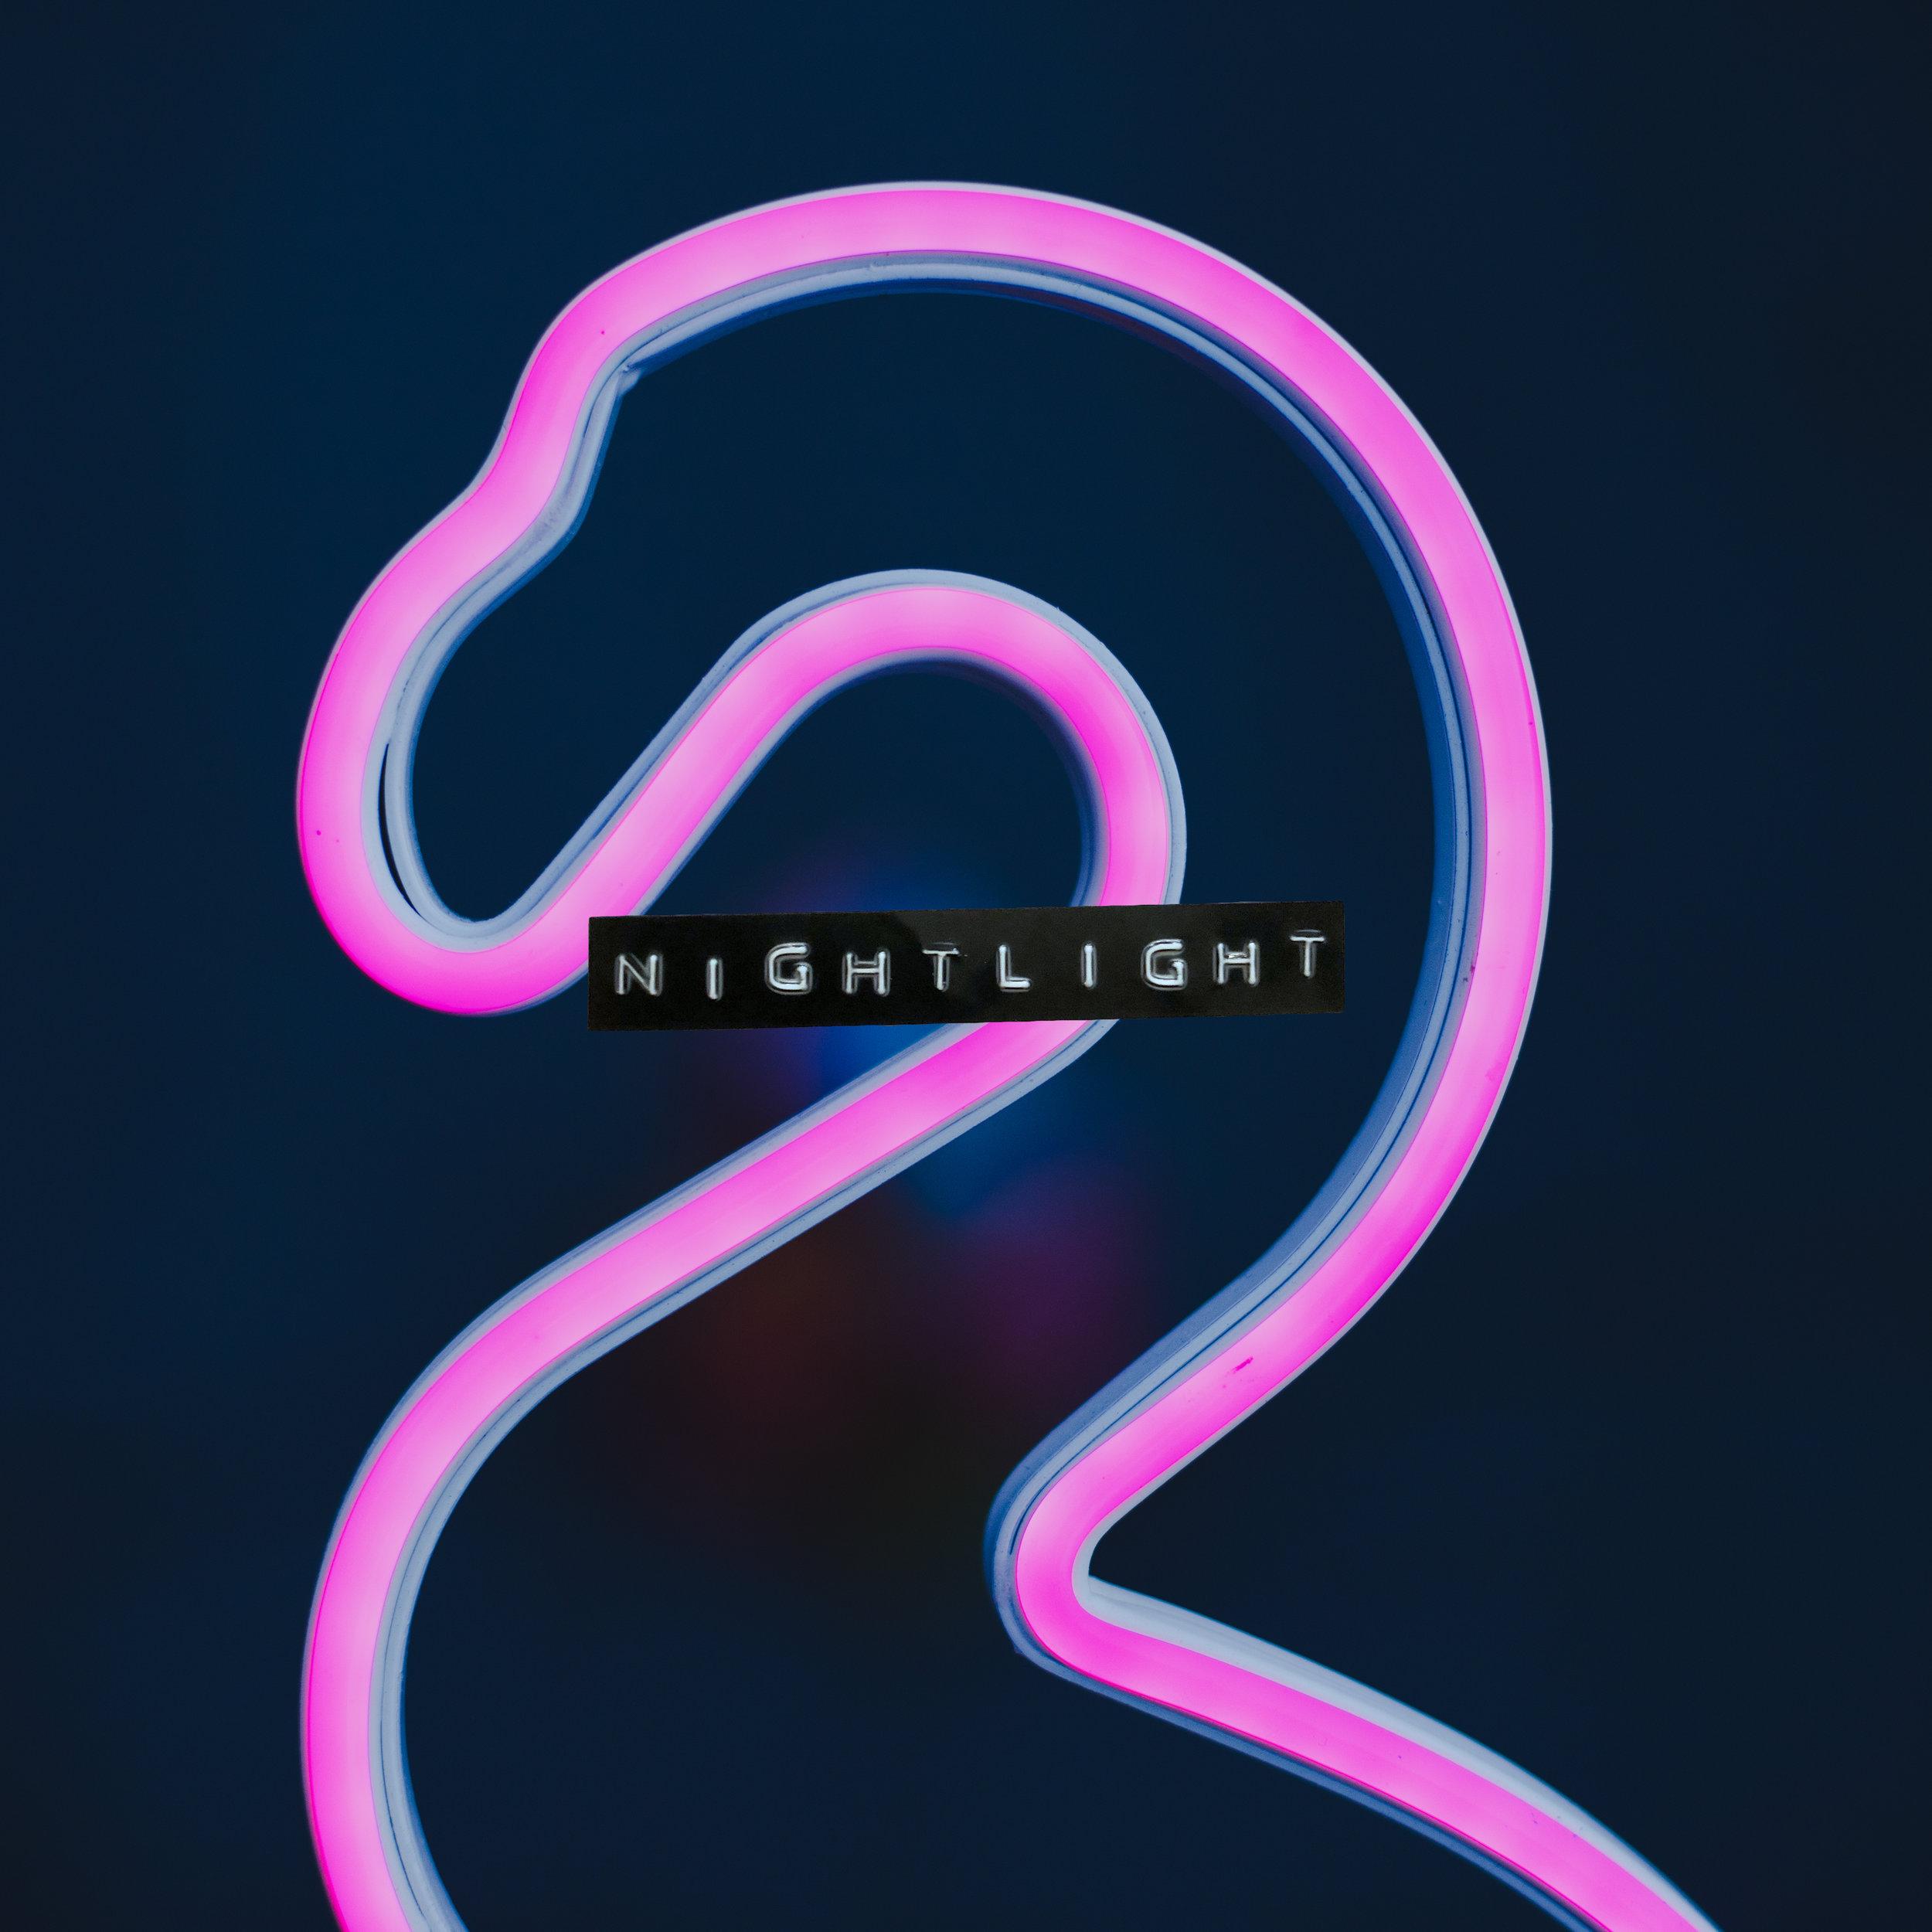 NightlightArt.jpg